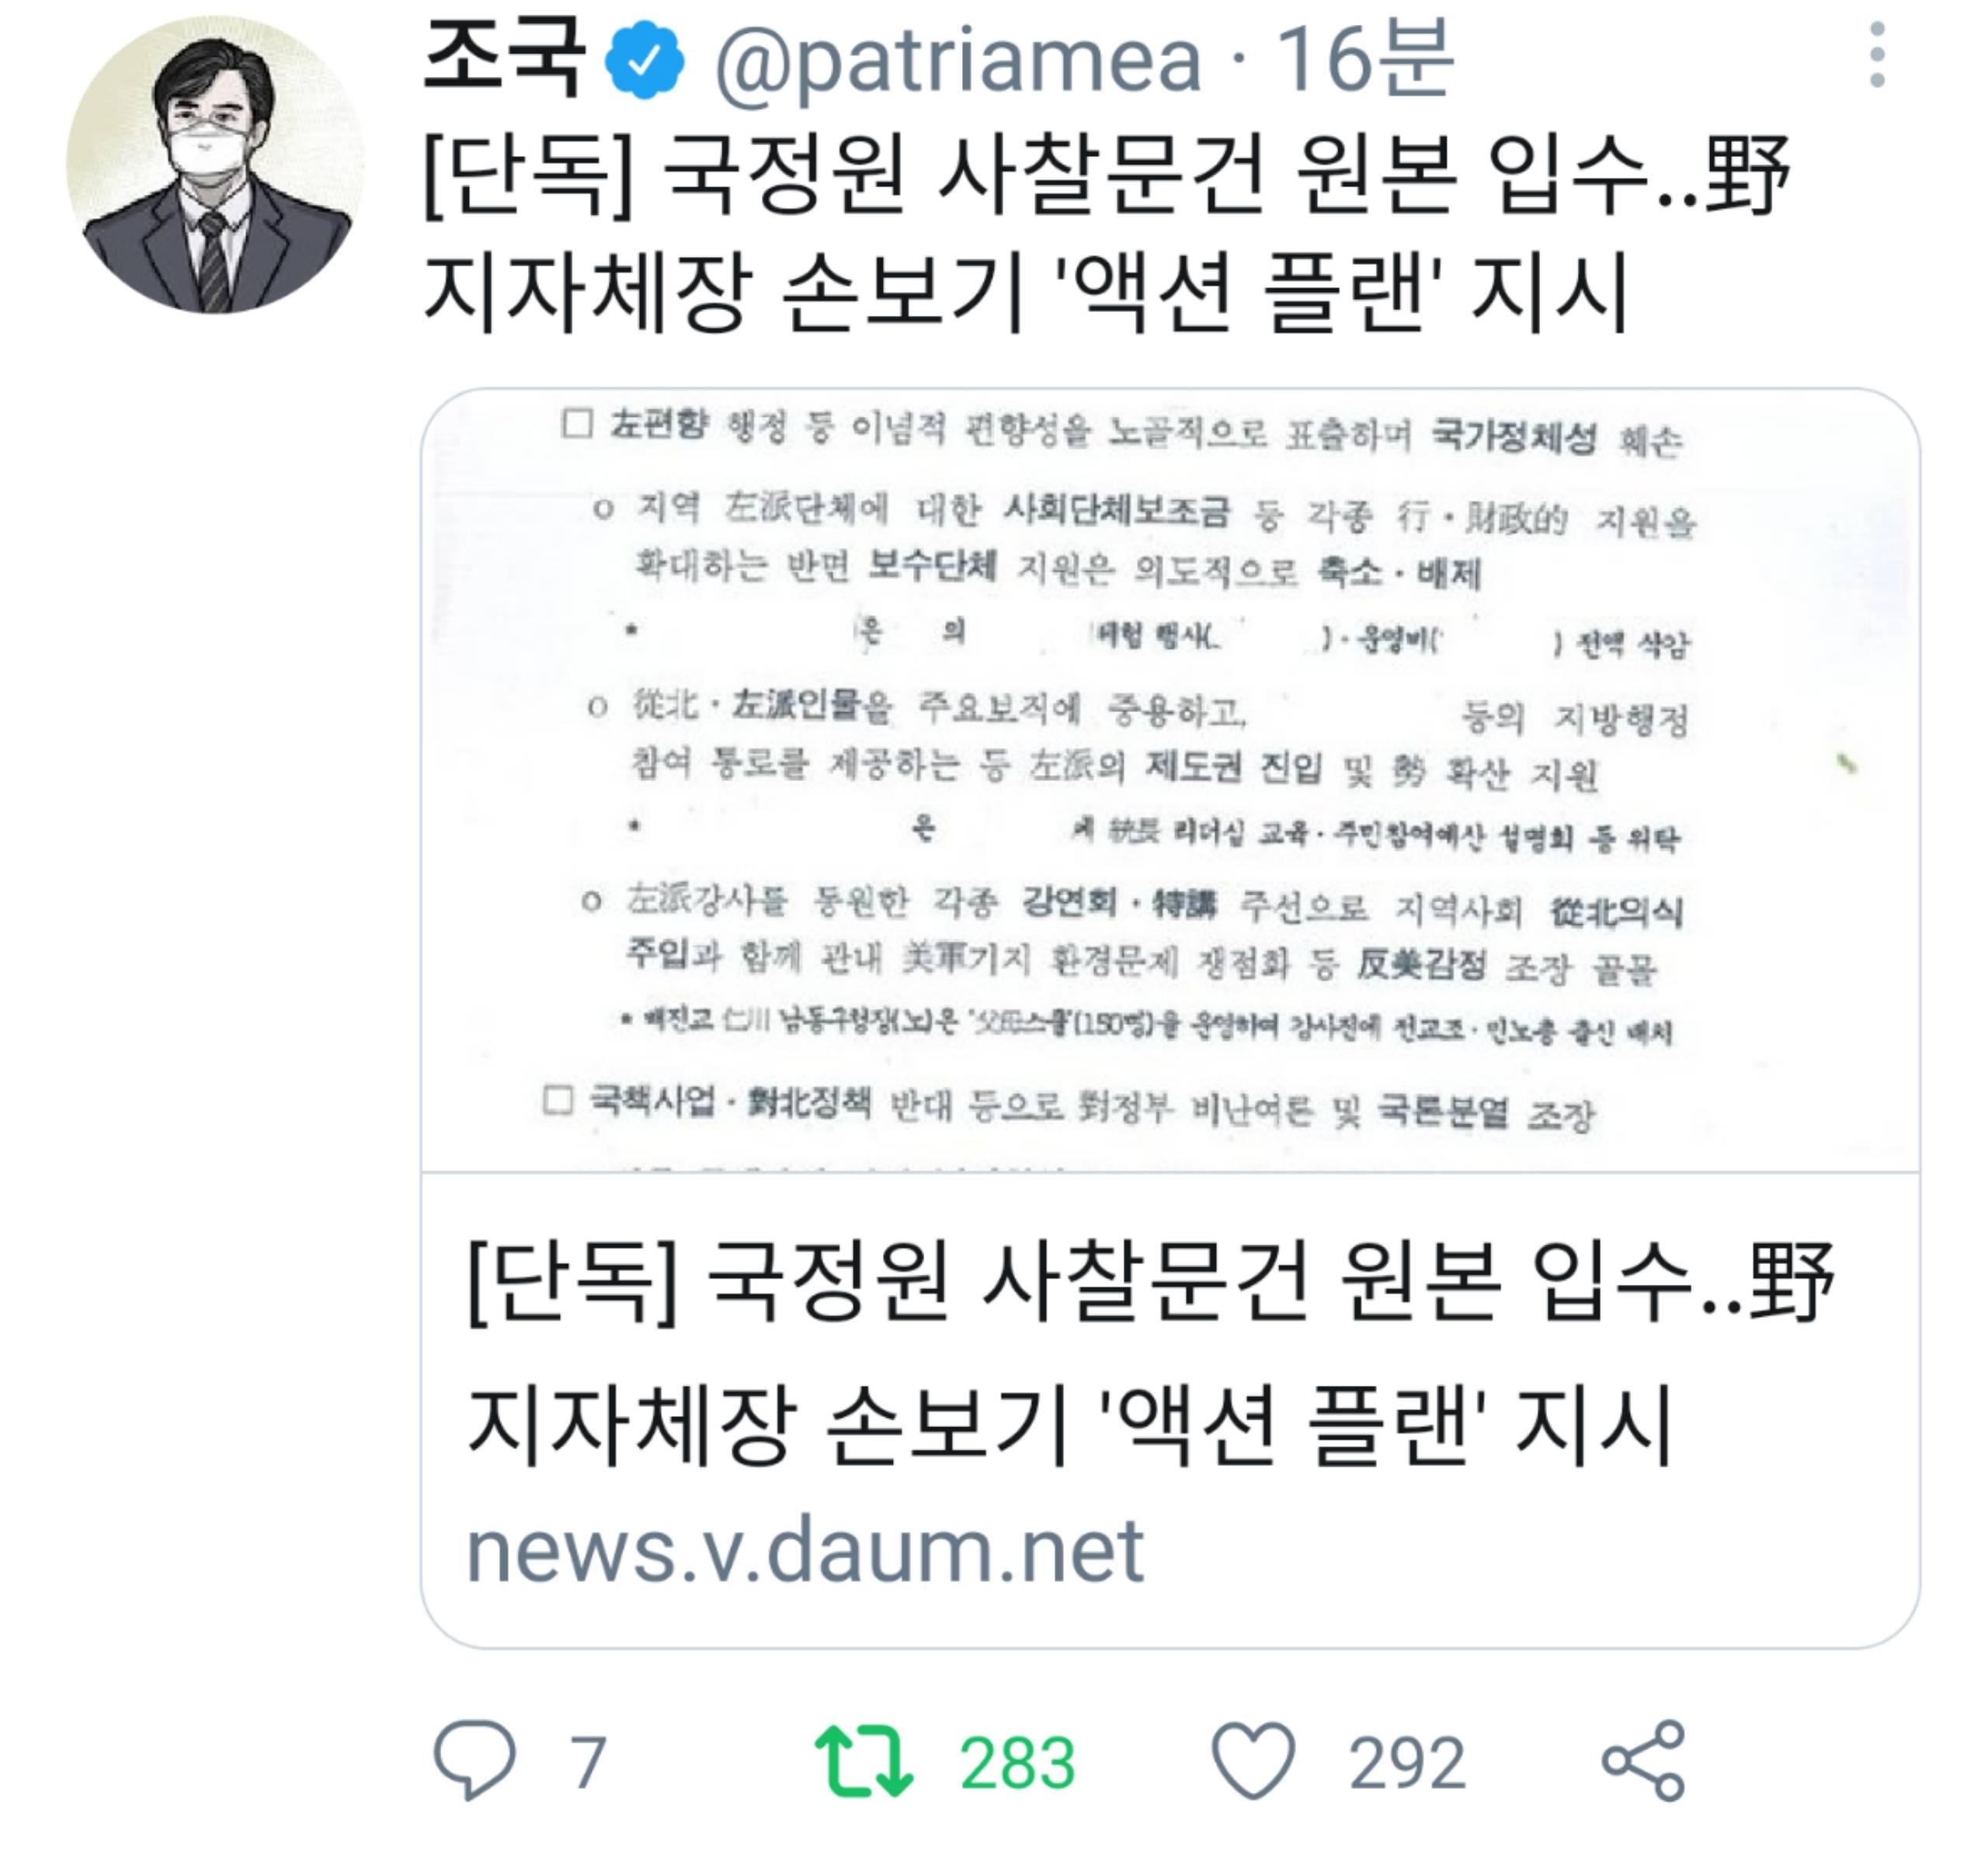 임여은 박살 Naver 포스트 - 네이버